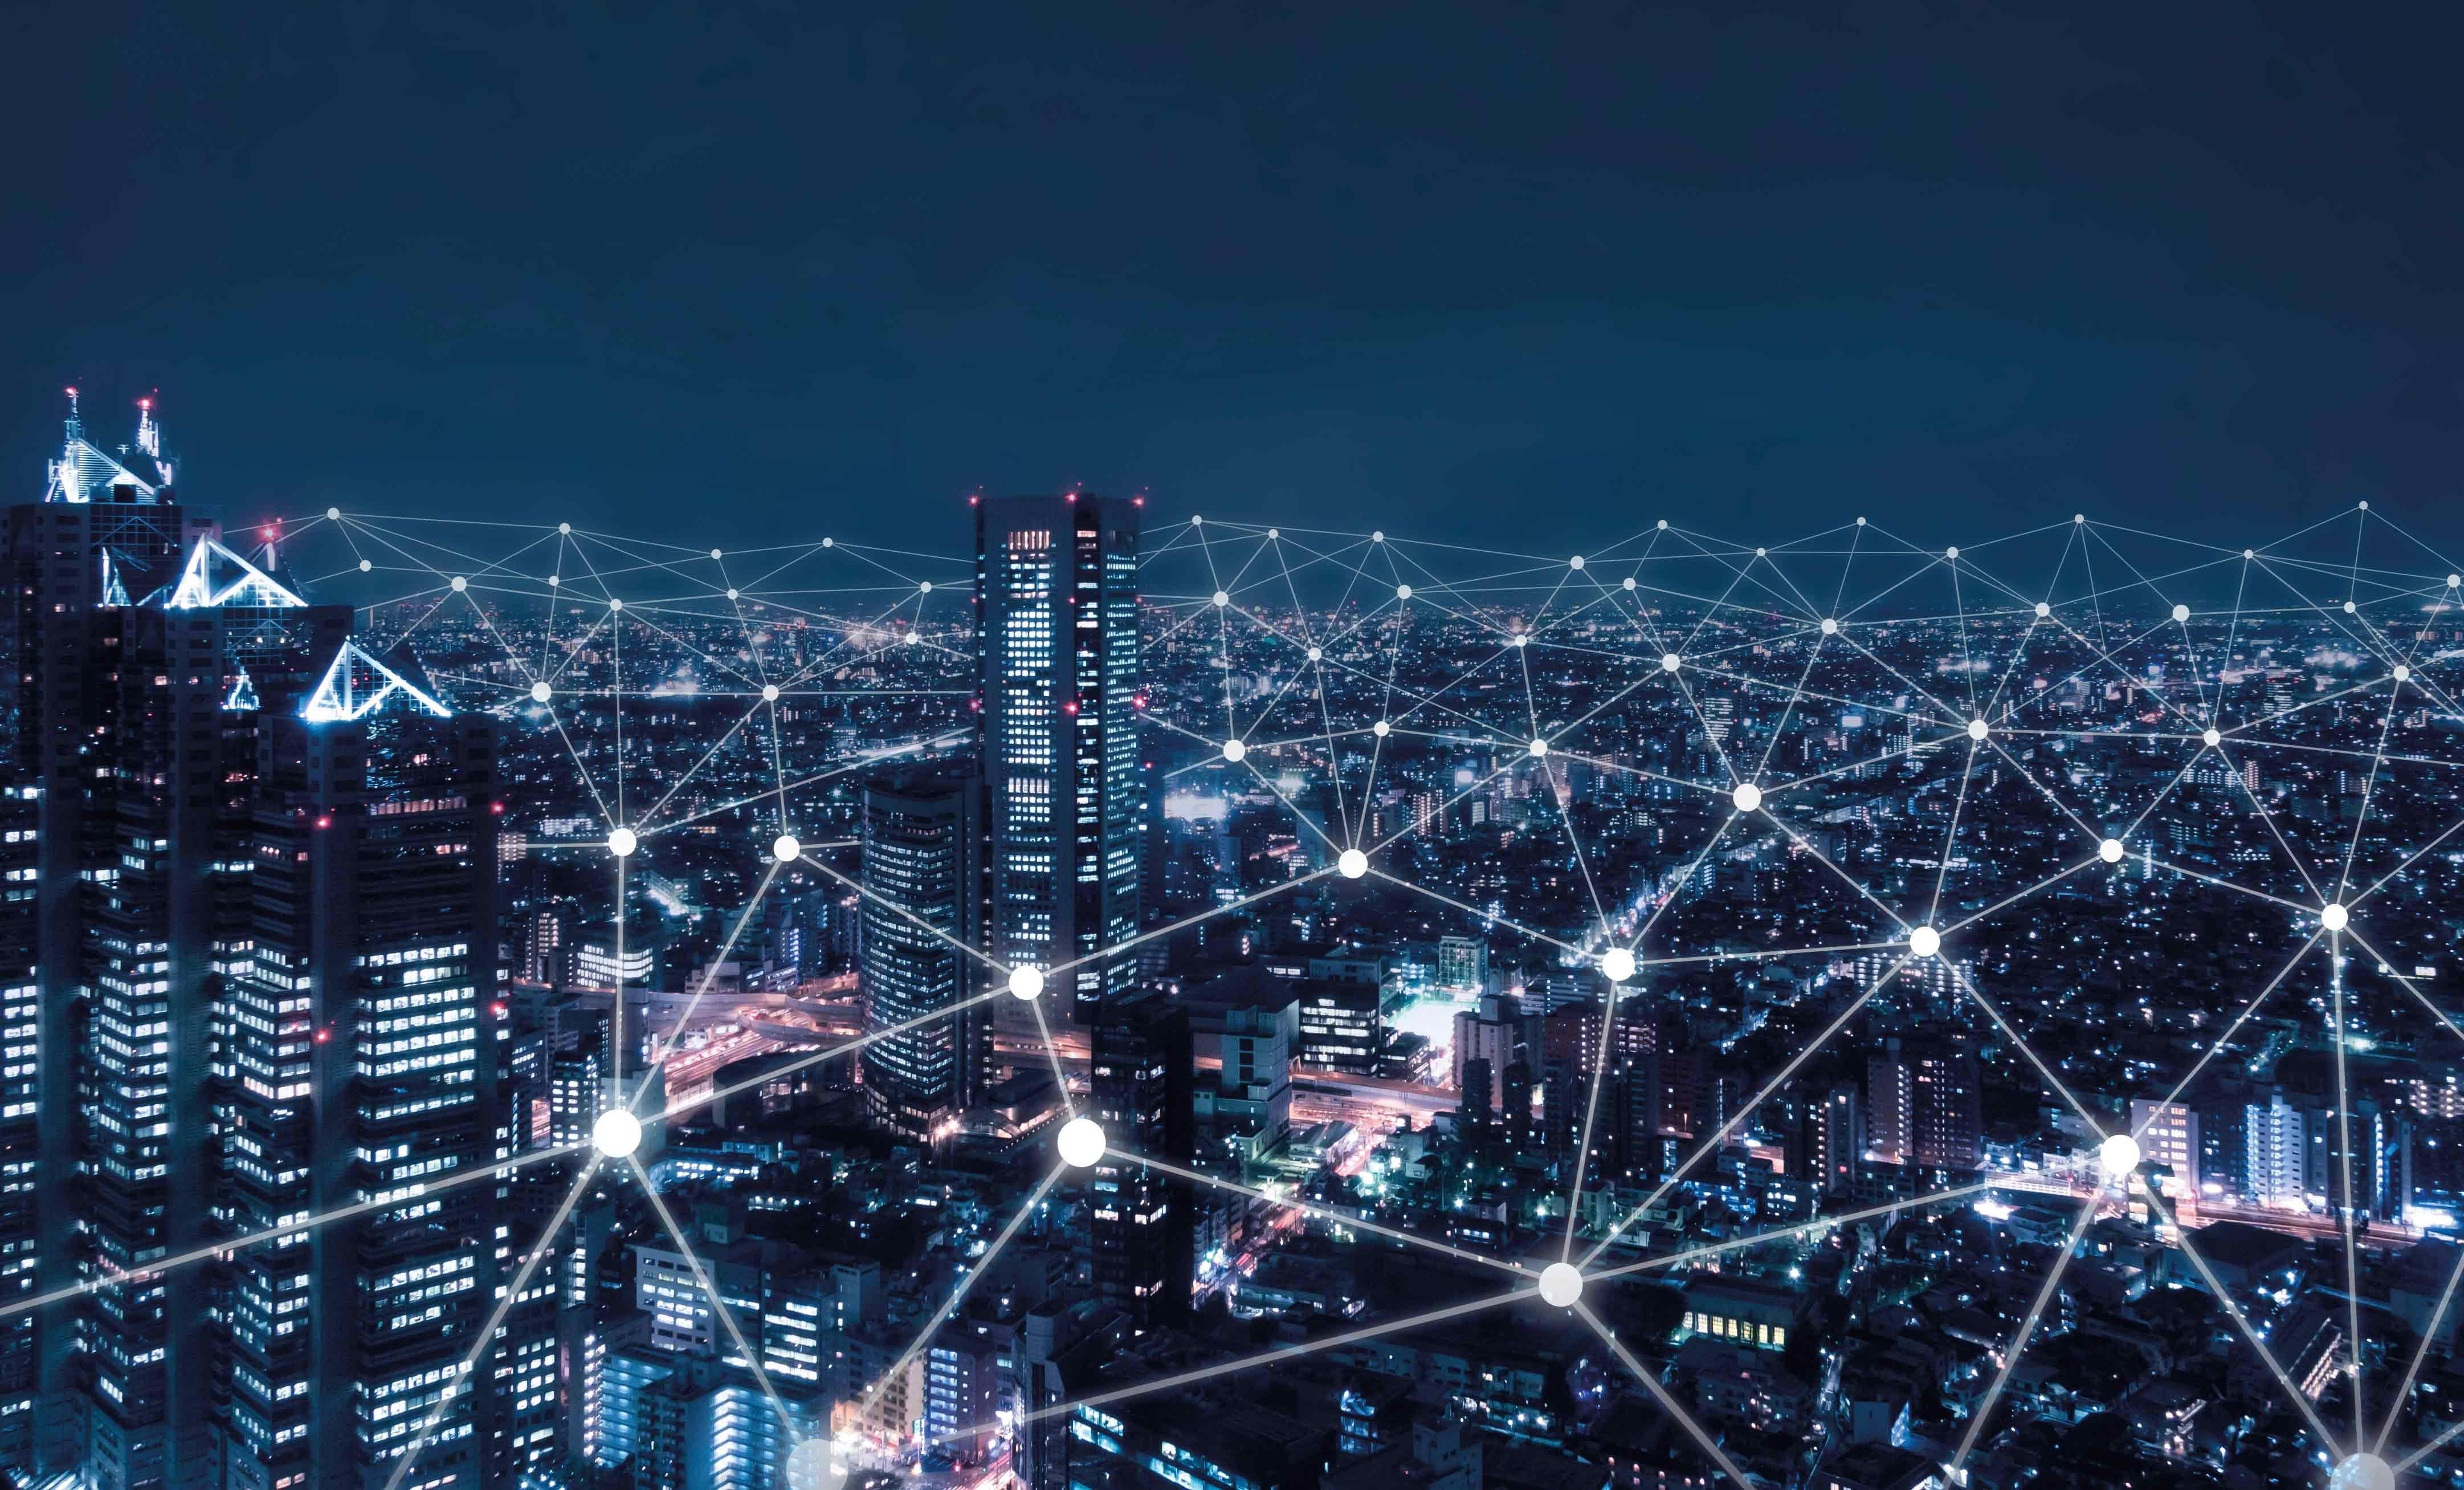 telefonica-claro-internexa-y-optical-apuestan-por-soluciones-en-la-nube-y-de-colaboracion-para-reducir-efectos-del-covid-19